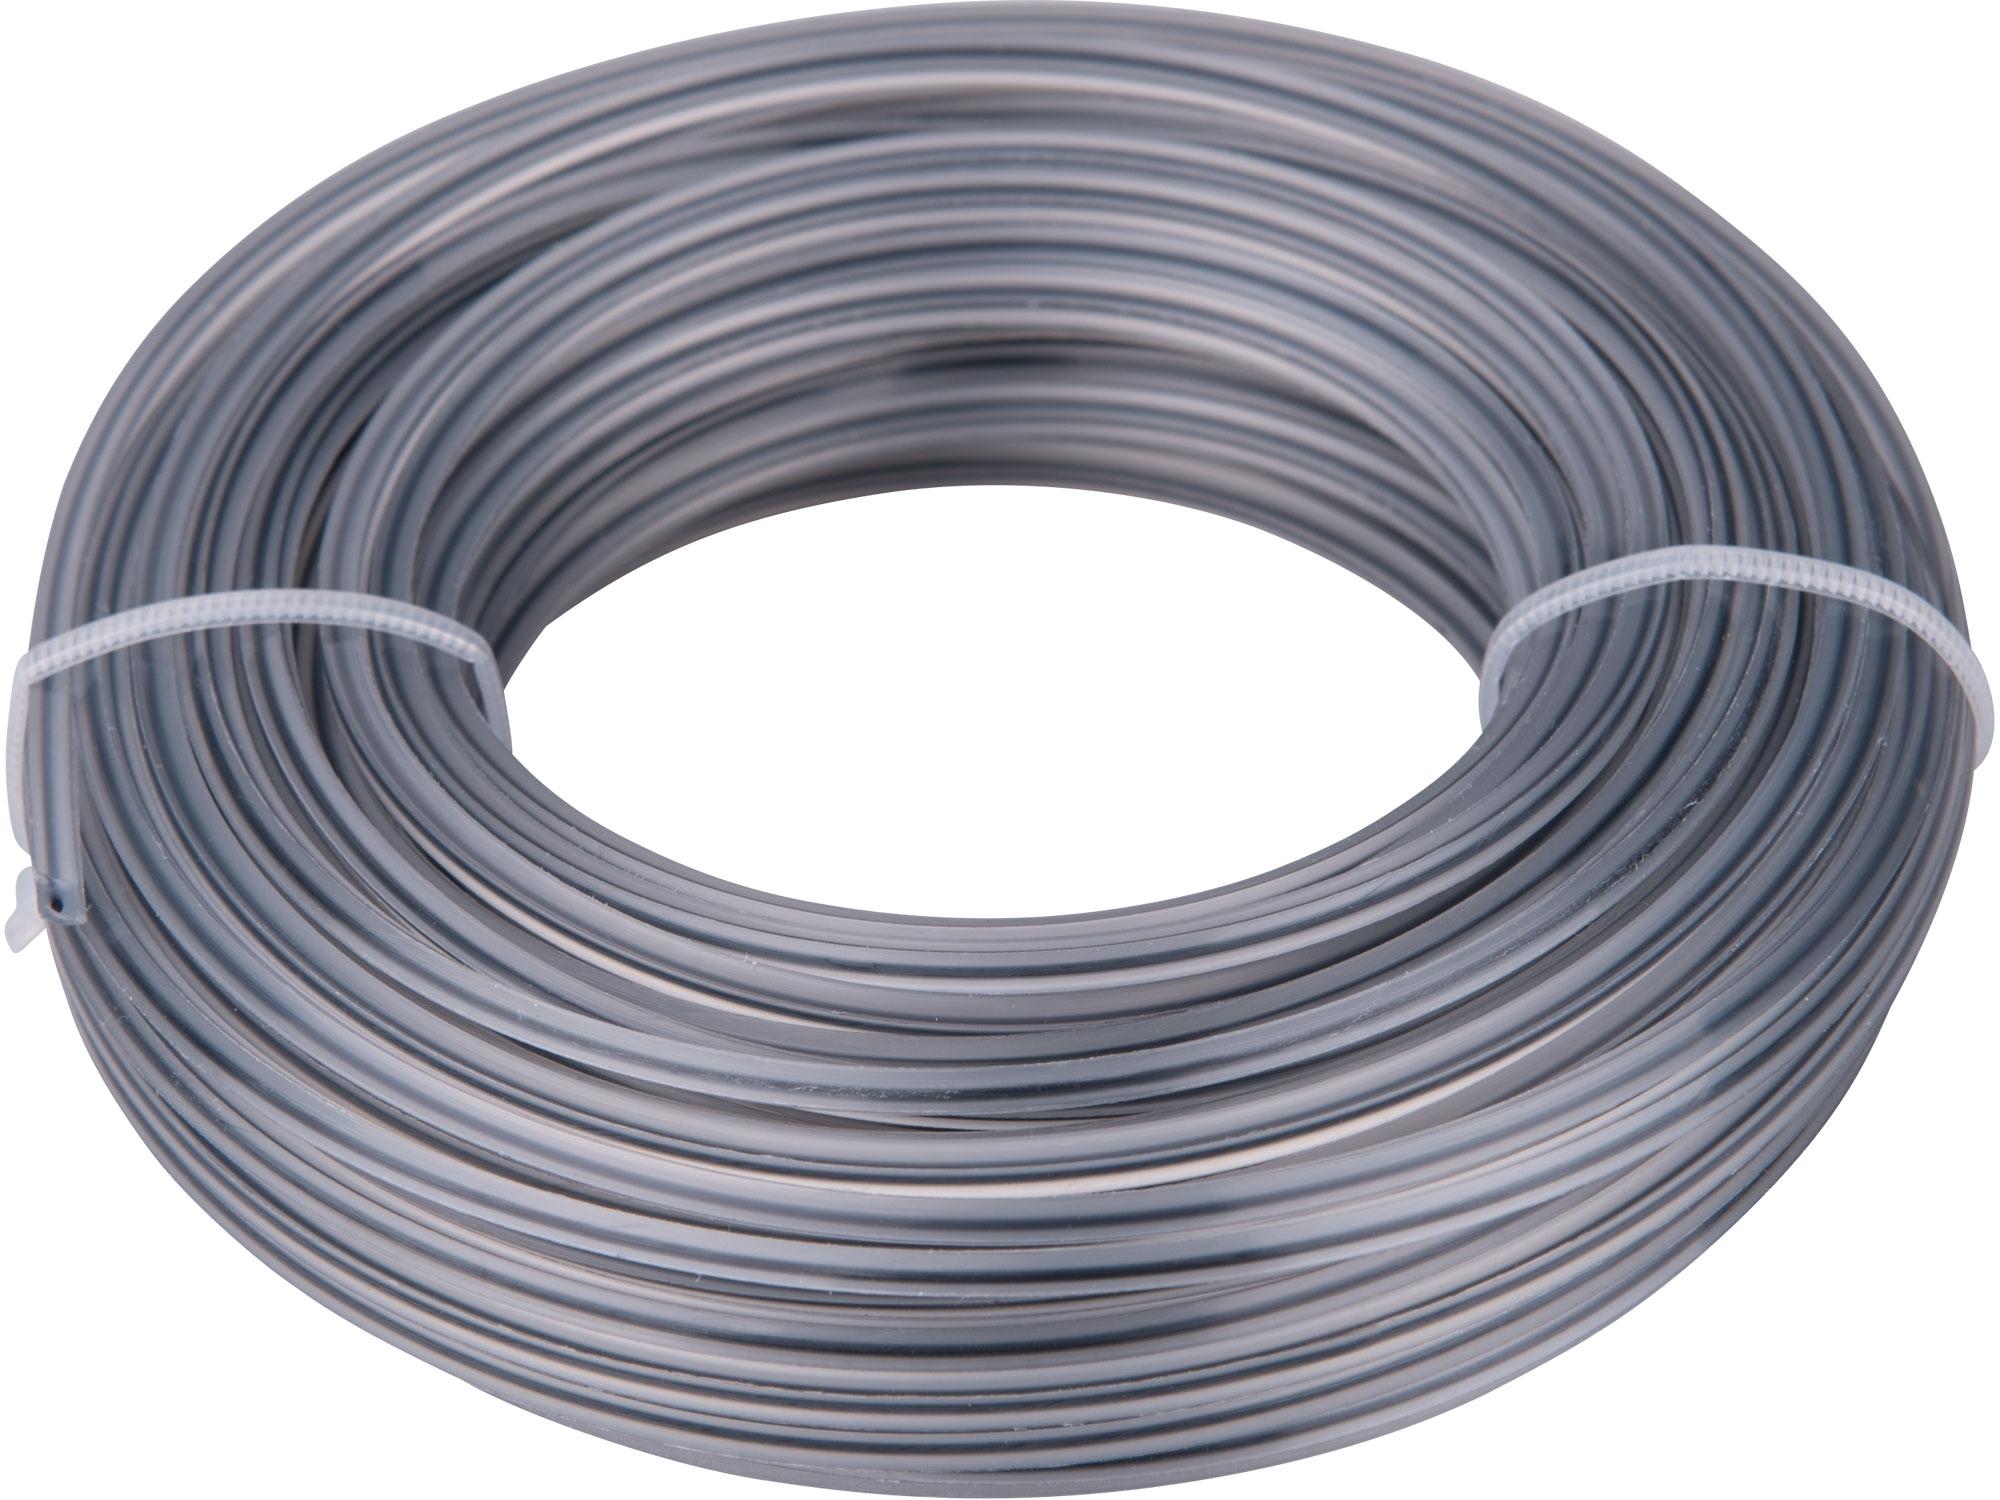 žací struna do sekačky s jádrem, čtvercový profil, 2,4mm, 15m, PA66